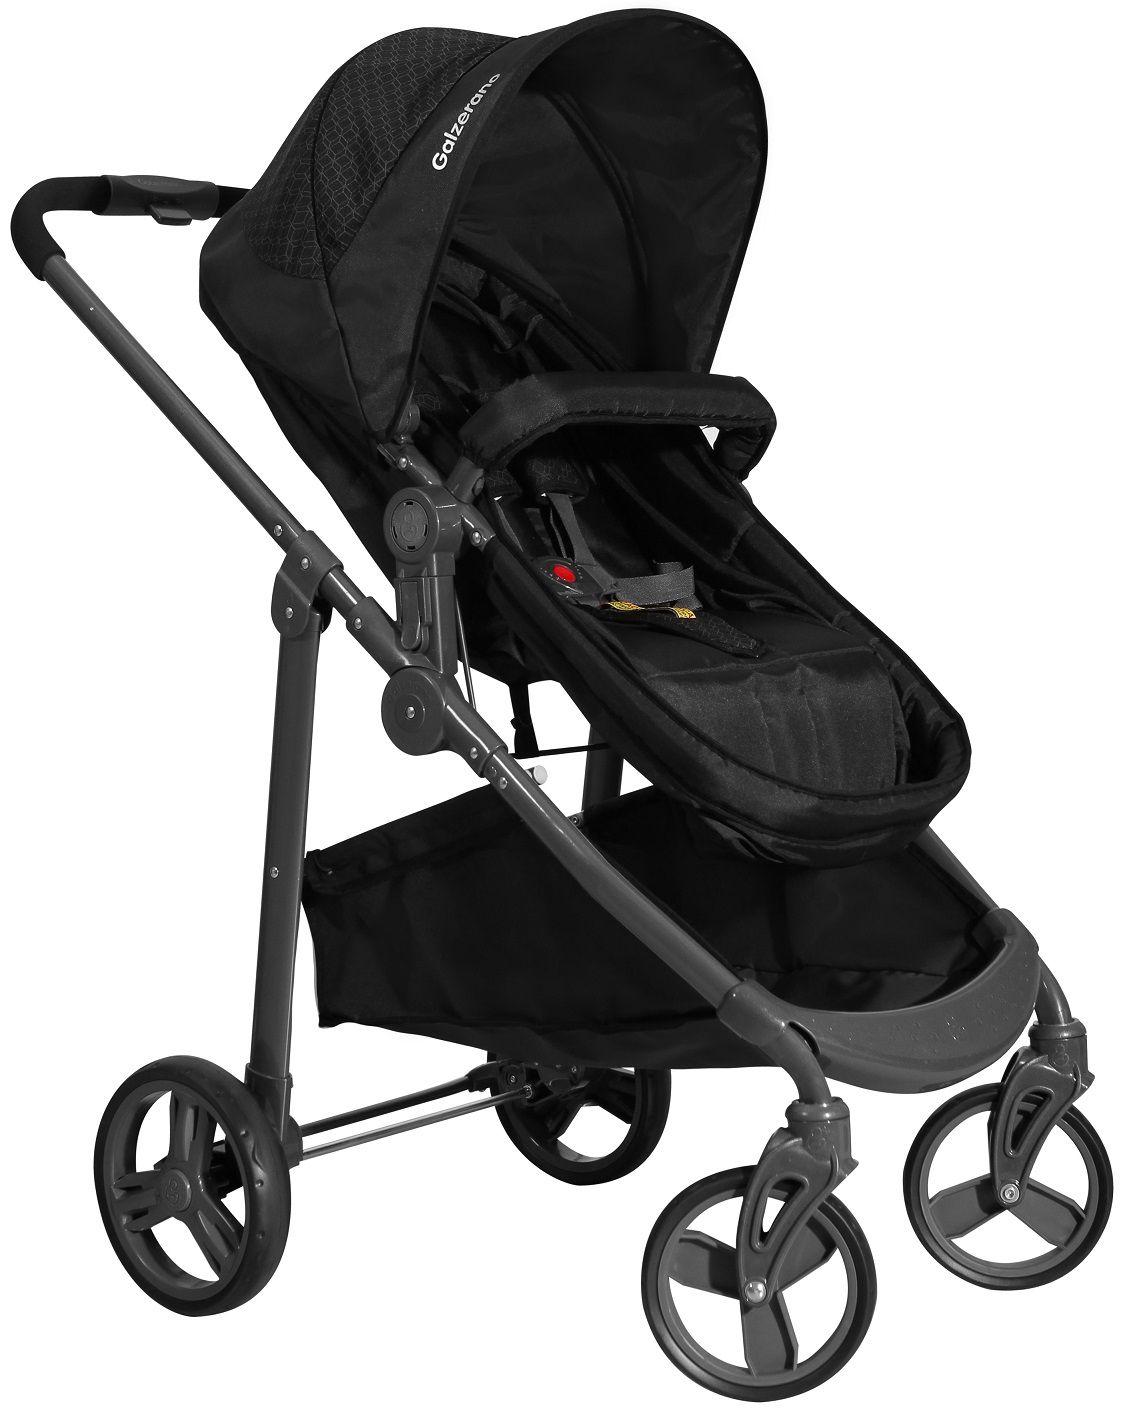 Carrinho de Bebê Moisés Olympus Preto com Bebê Conforto + Base - Galzerano